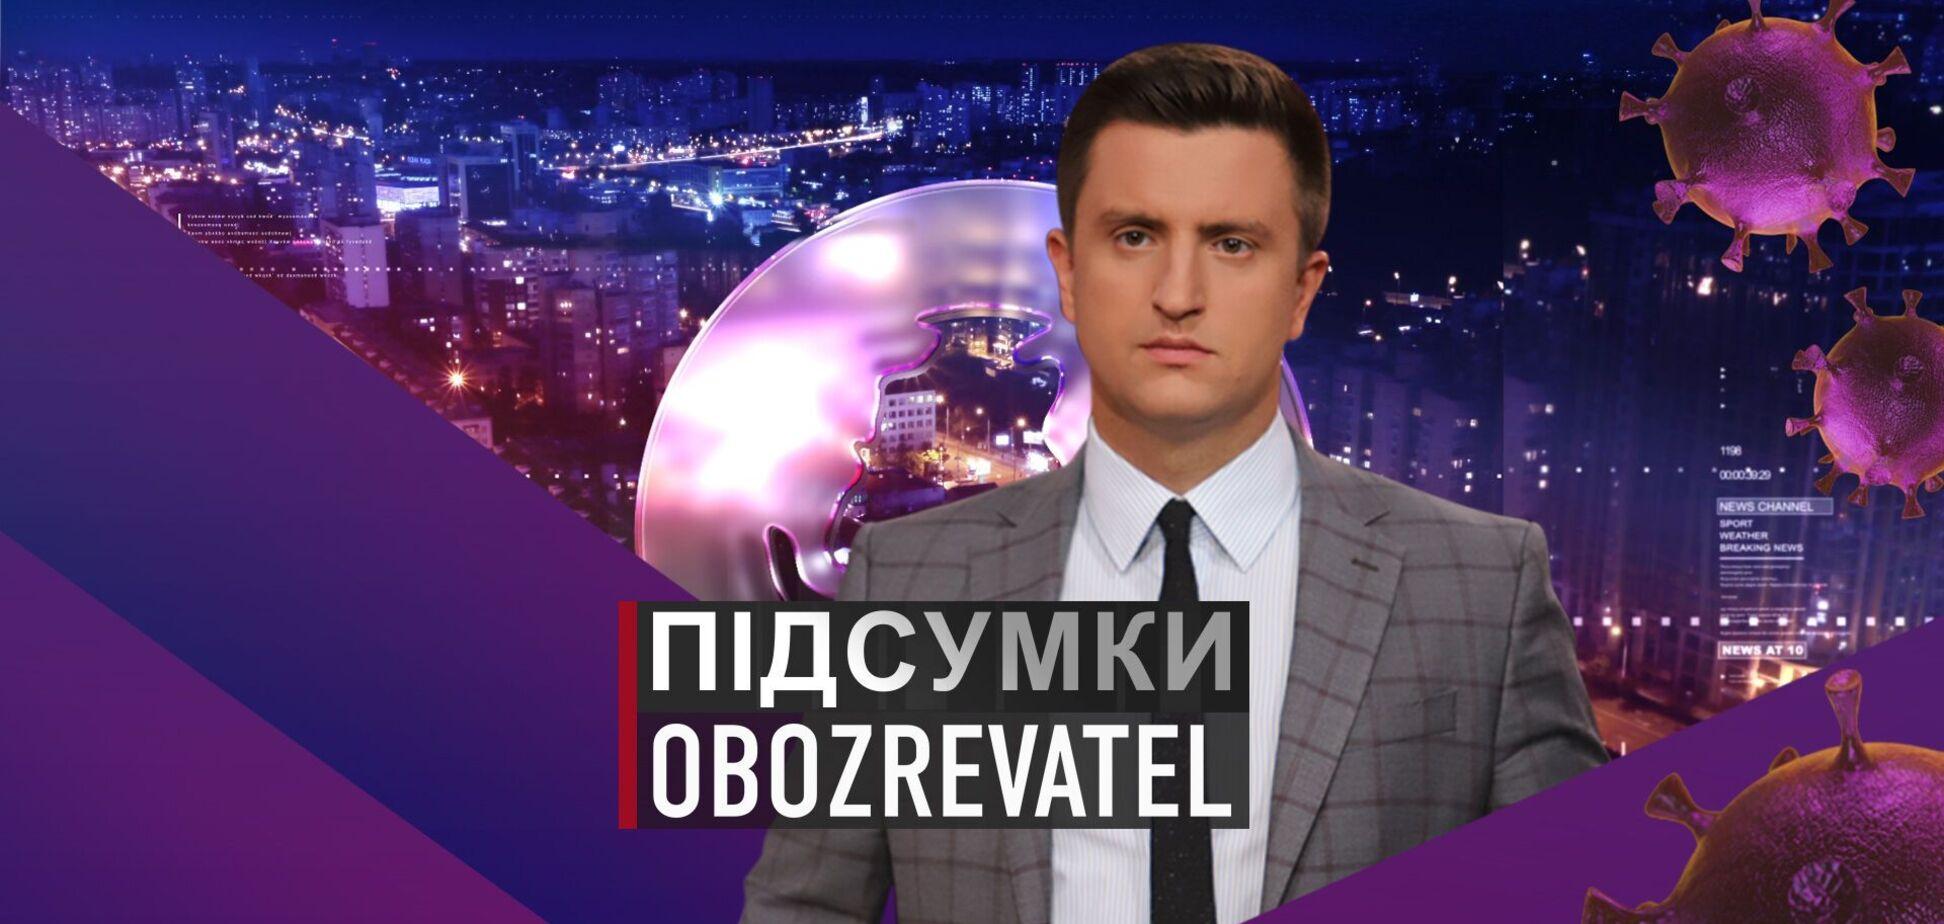 Підсумки з Вадимом Колодійчуком. Вівторок, 18 травня